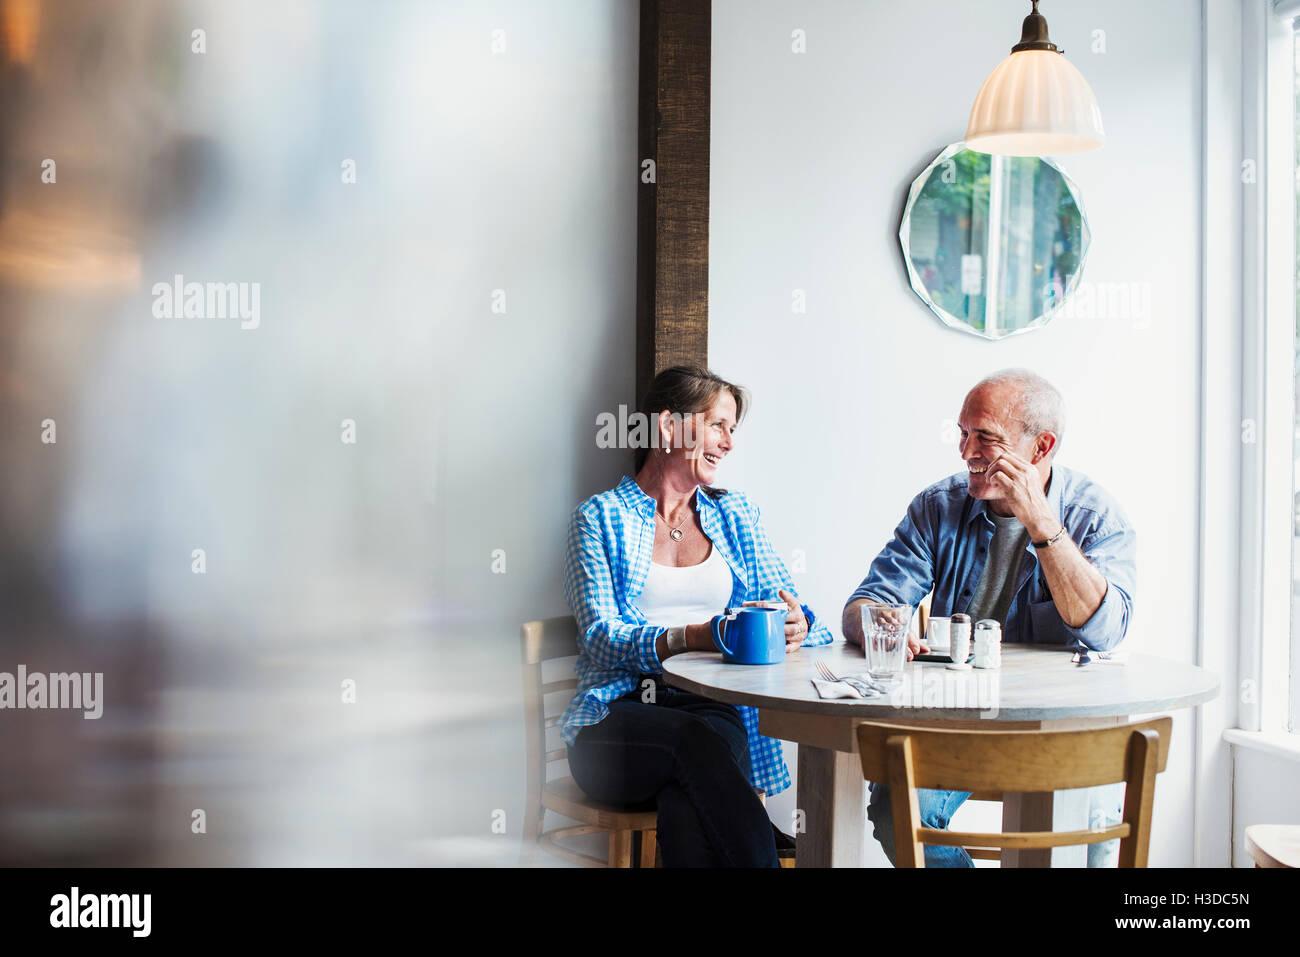 Zwei Menschen sitzen an einem Café-Tisch.  Unscharfen Vordergrund. Stockbild